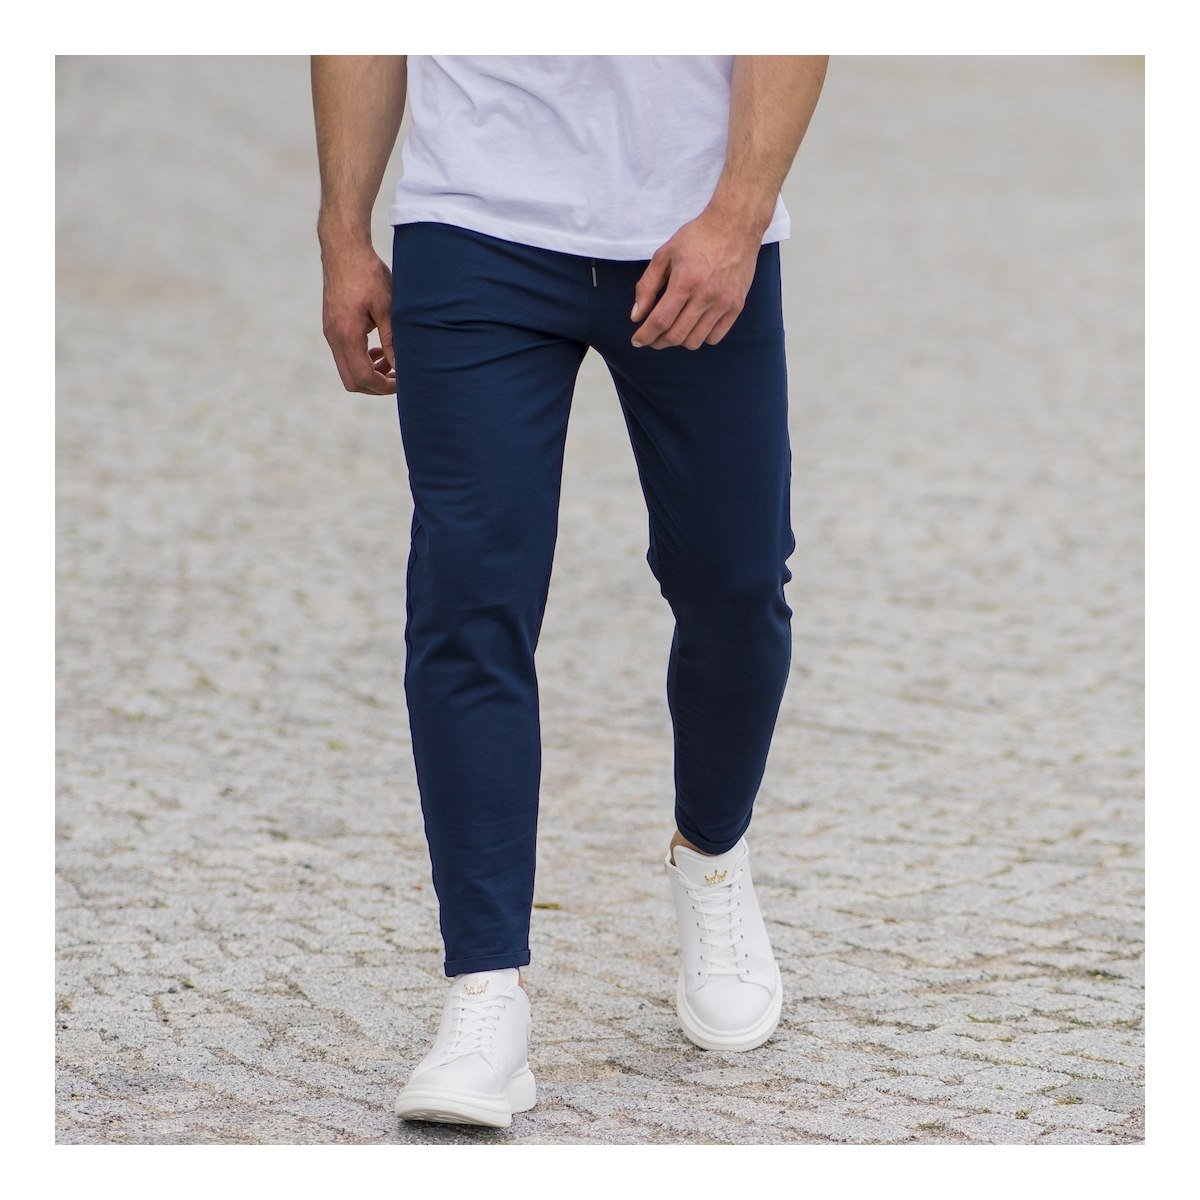 Men's Skinny Basic SweatPants In Navy Blue